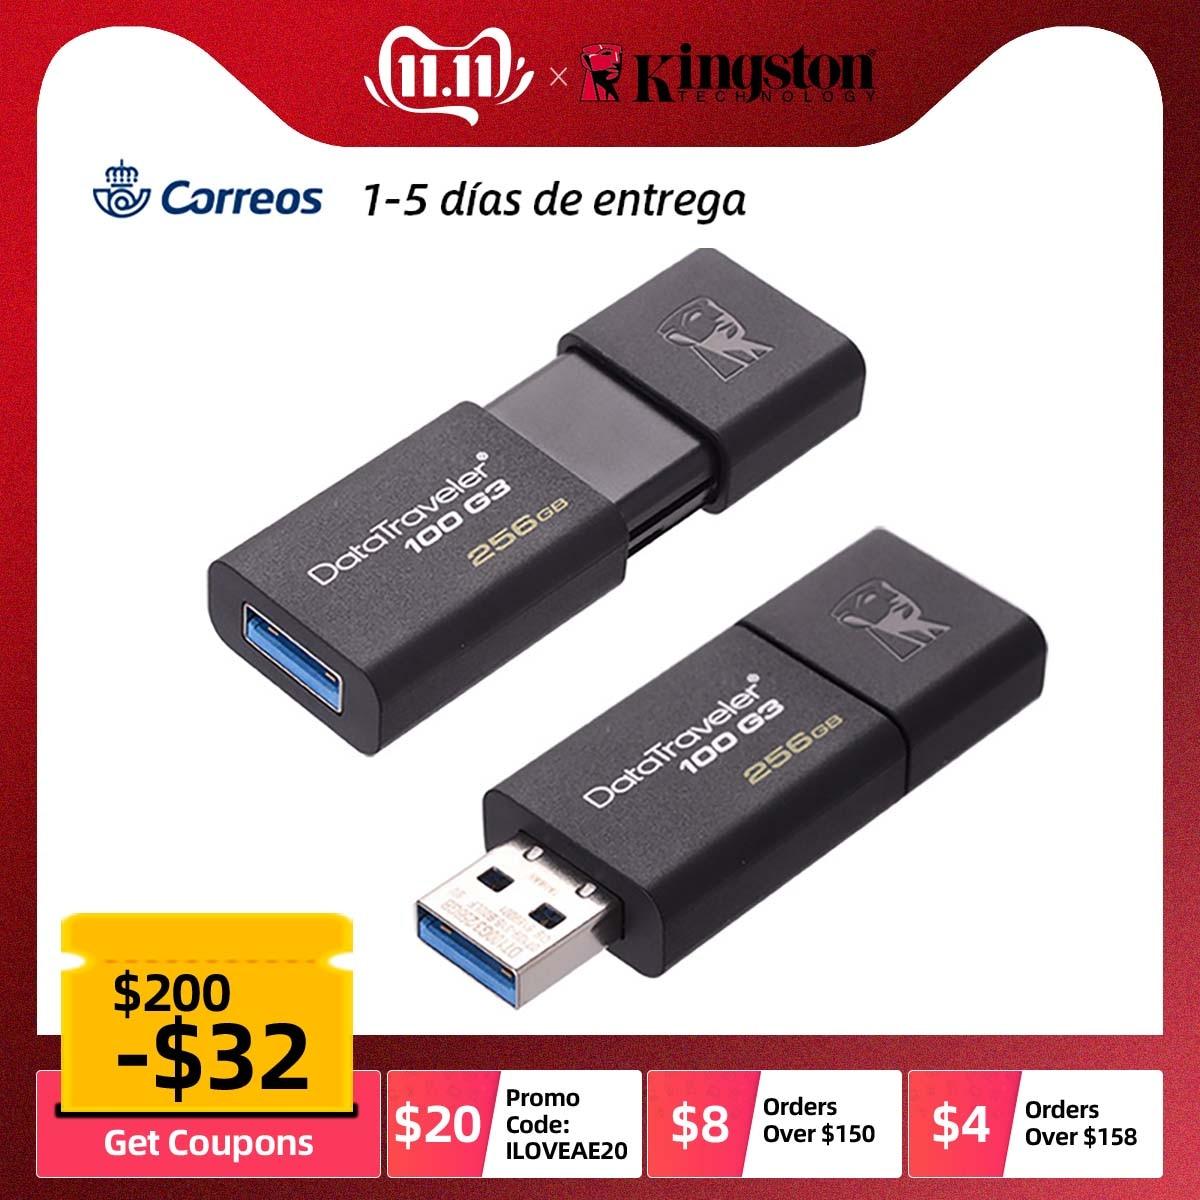 Alta Velocidade Original Kingston DataTraveler USB 3.0 USB Flash Drive GB 64 32GB 128 GB 32 DT100G3 64 128 GB Pen Drive Vara Pendrive